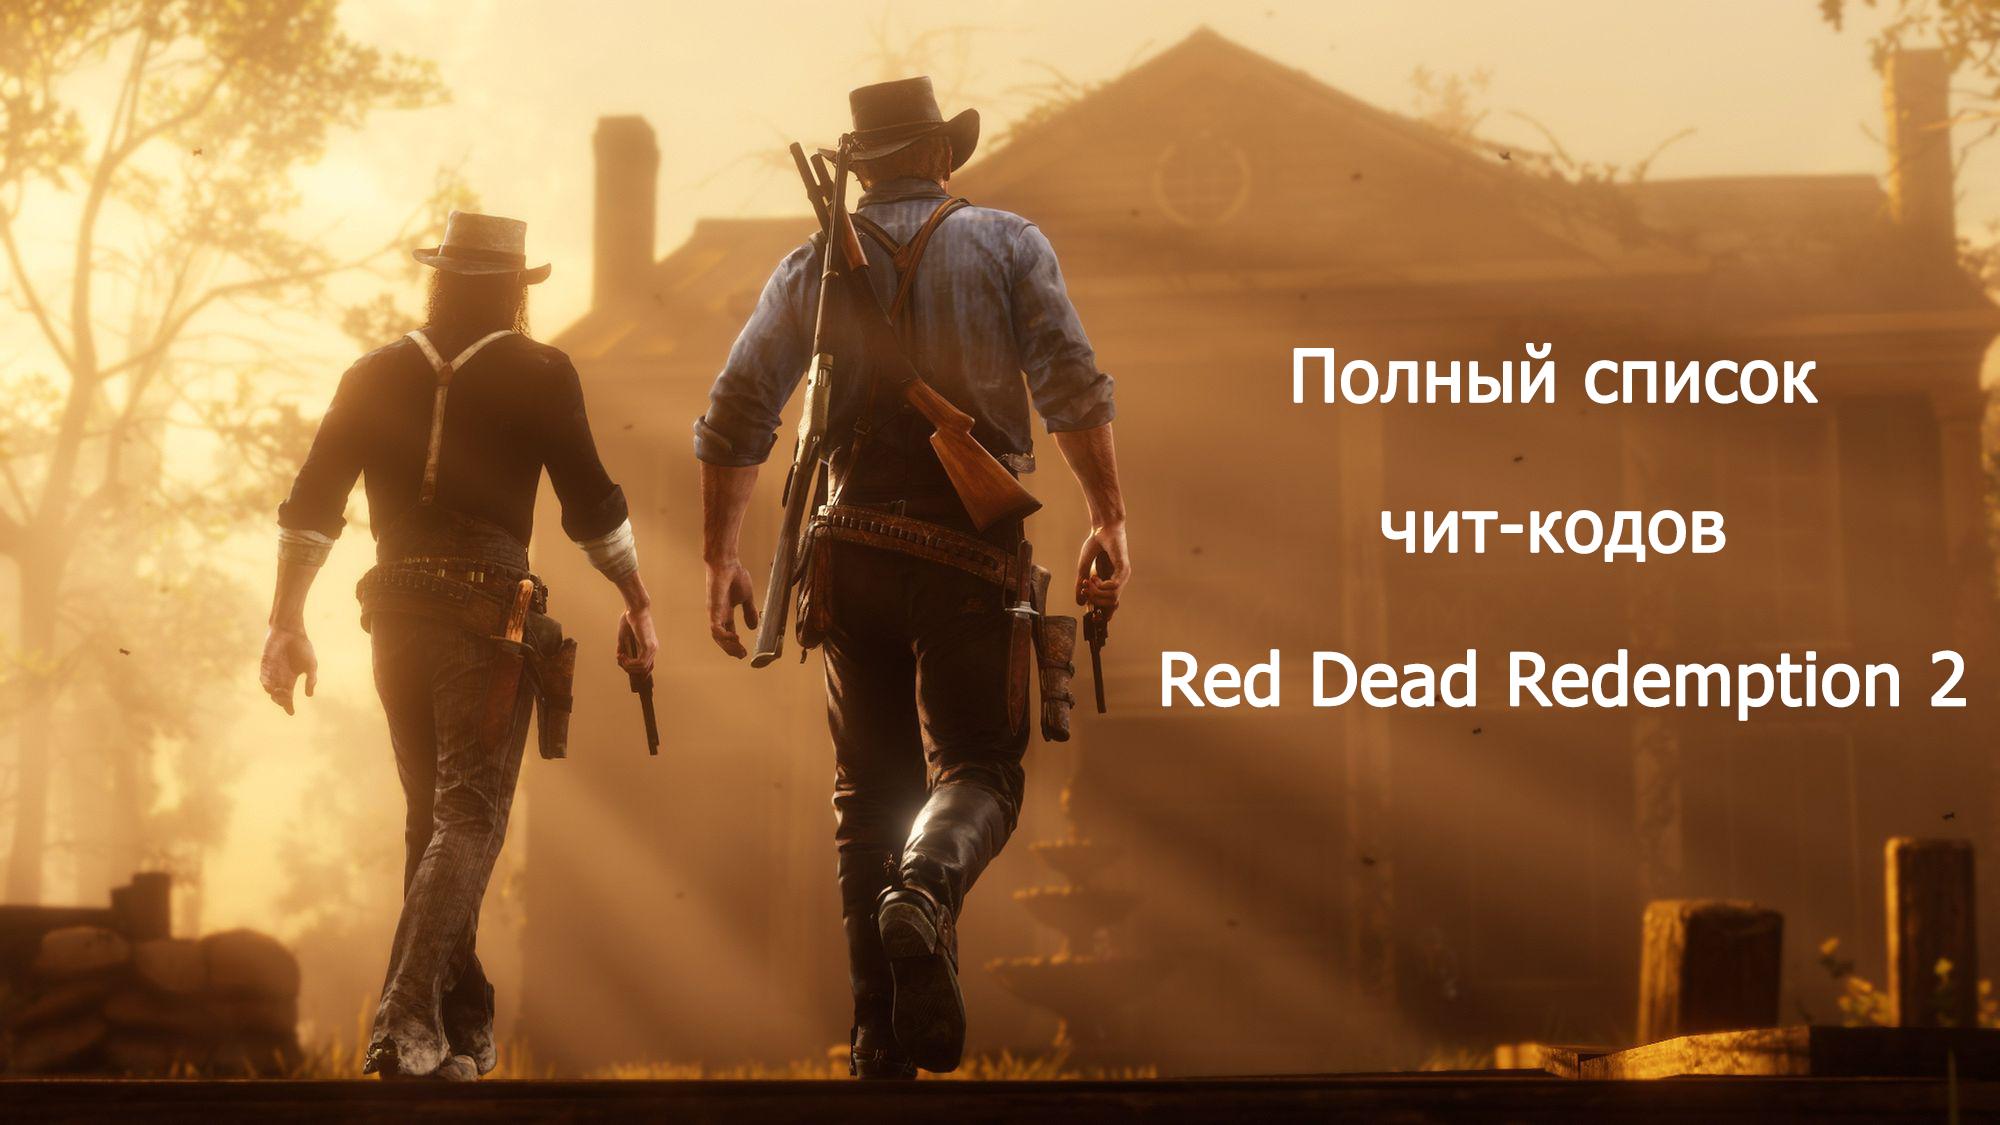 Полный список чит-кодов для Red Dead Redemption 2